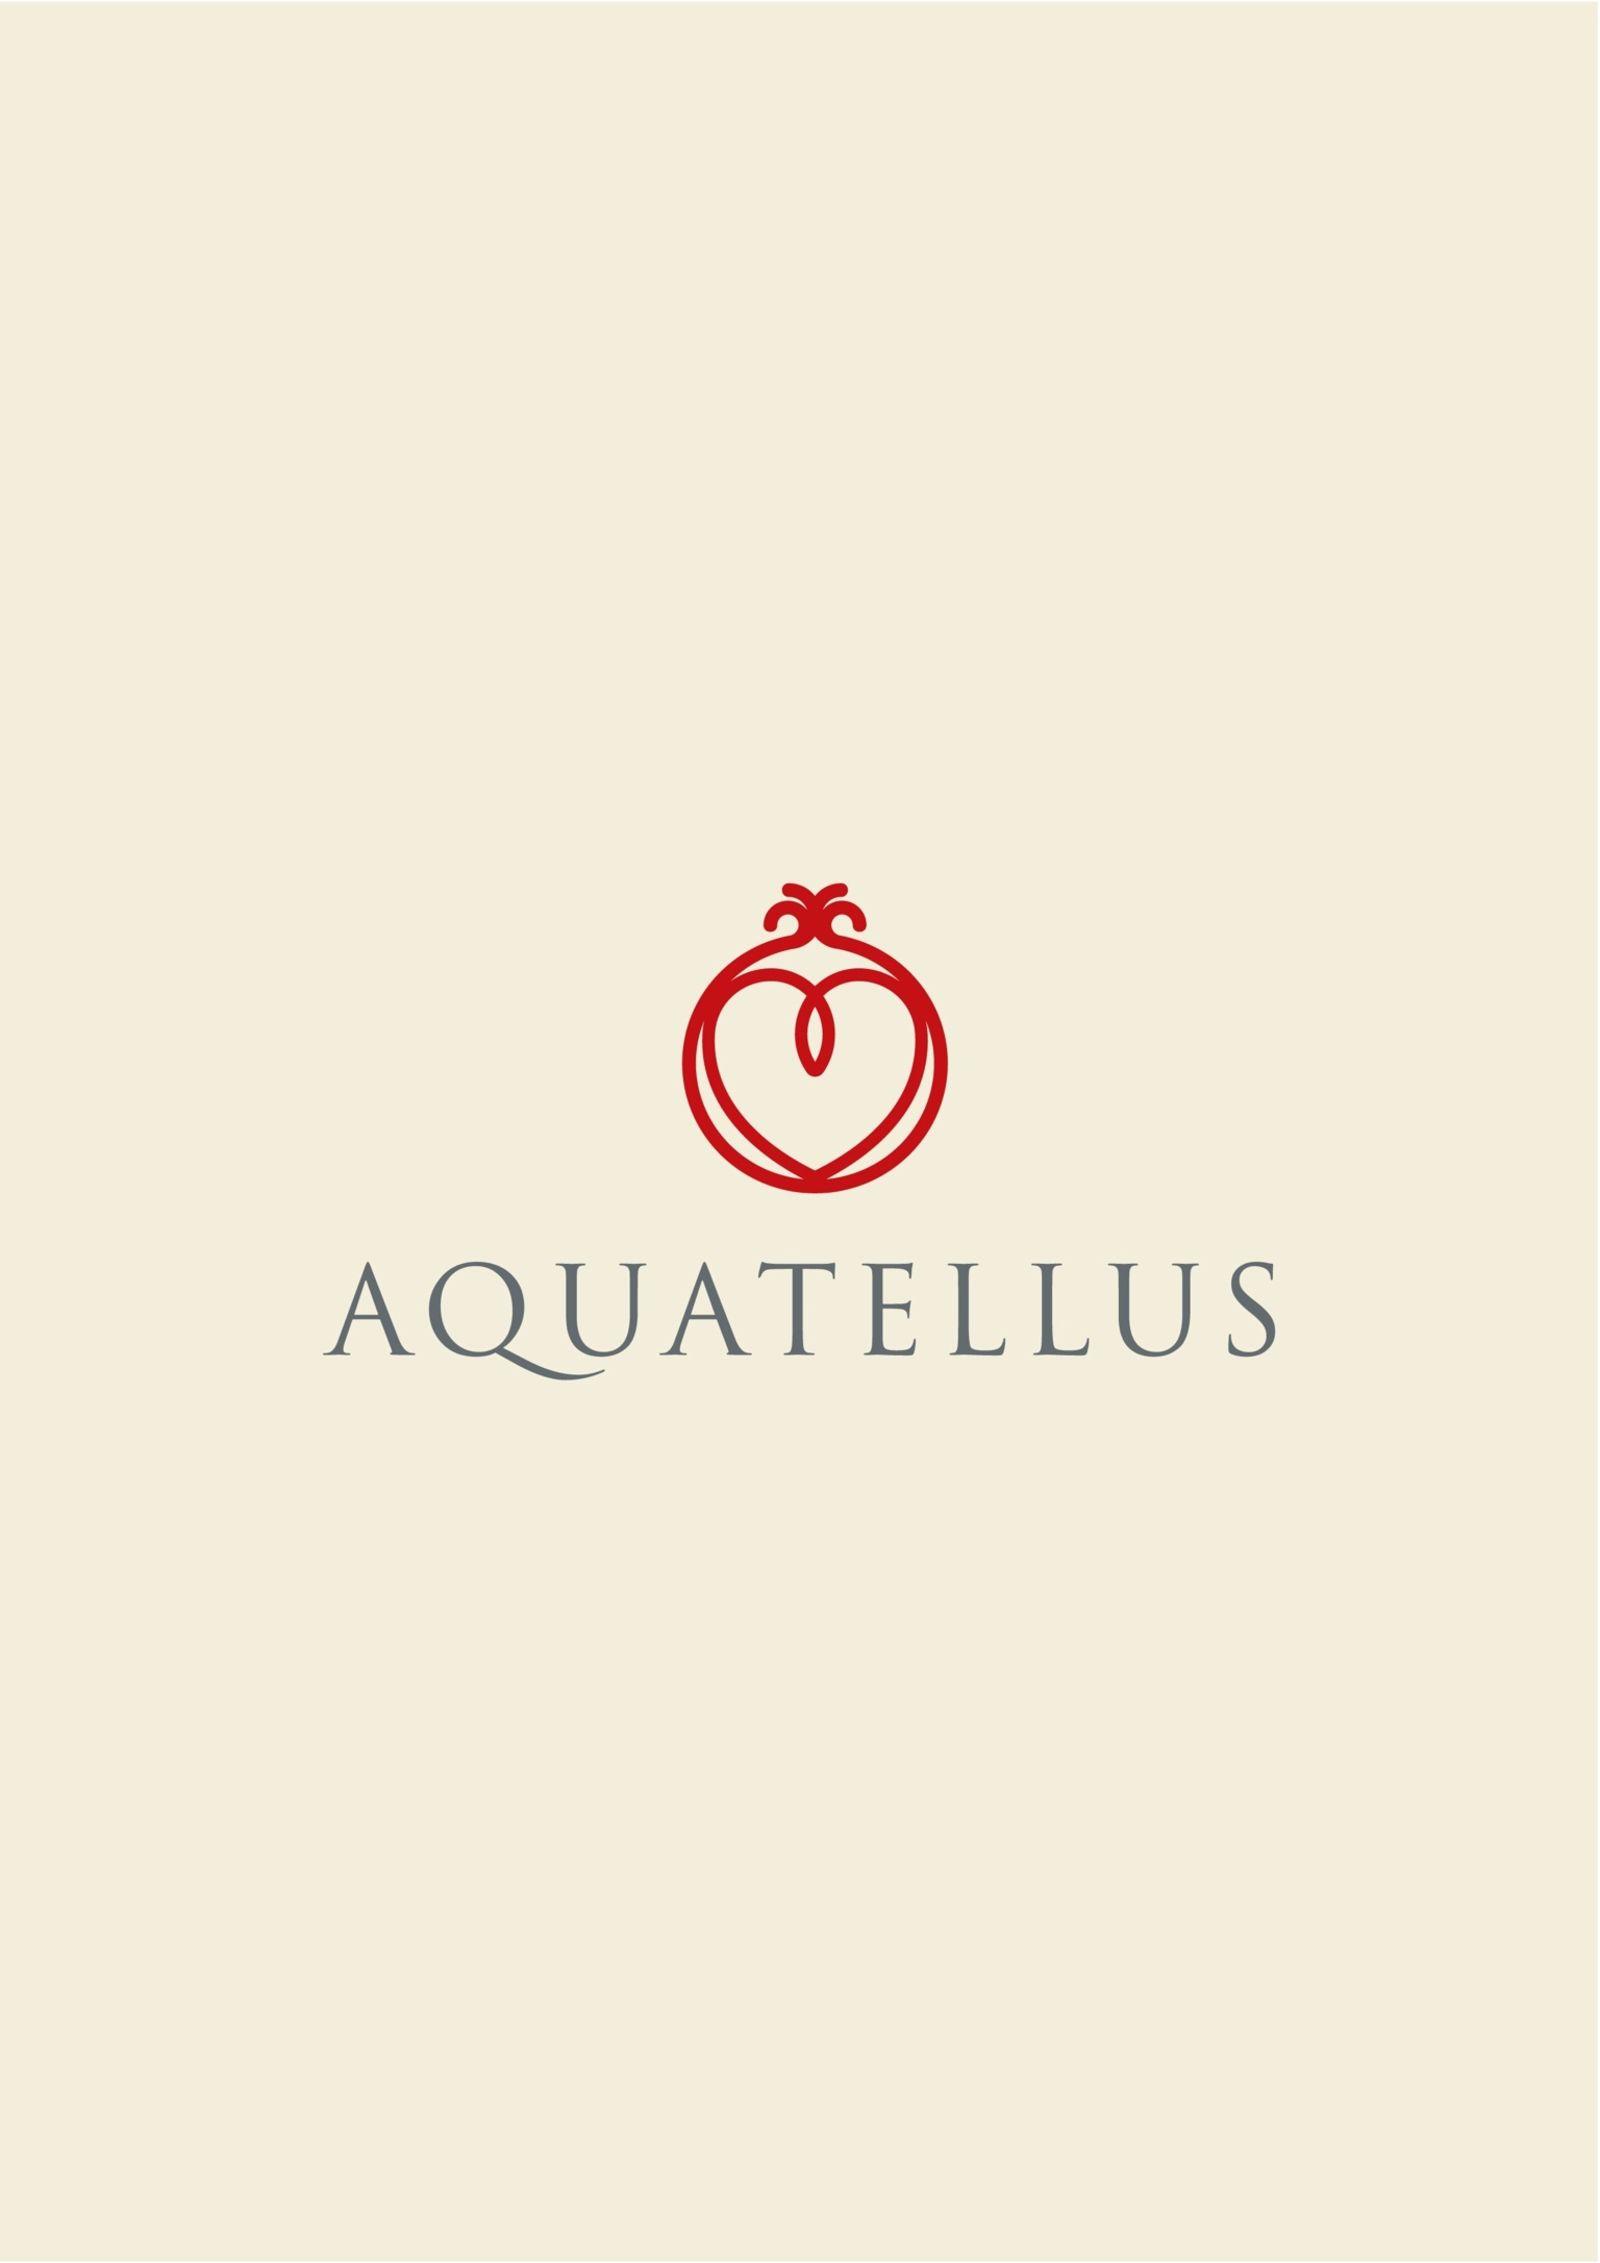 AQUATELLUS